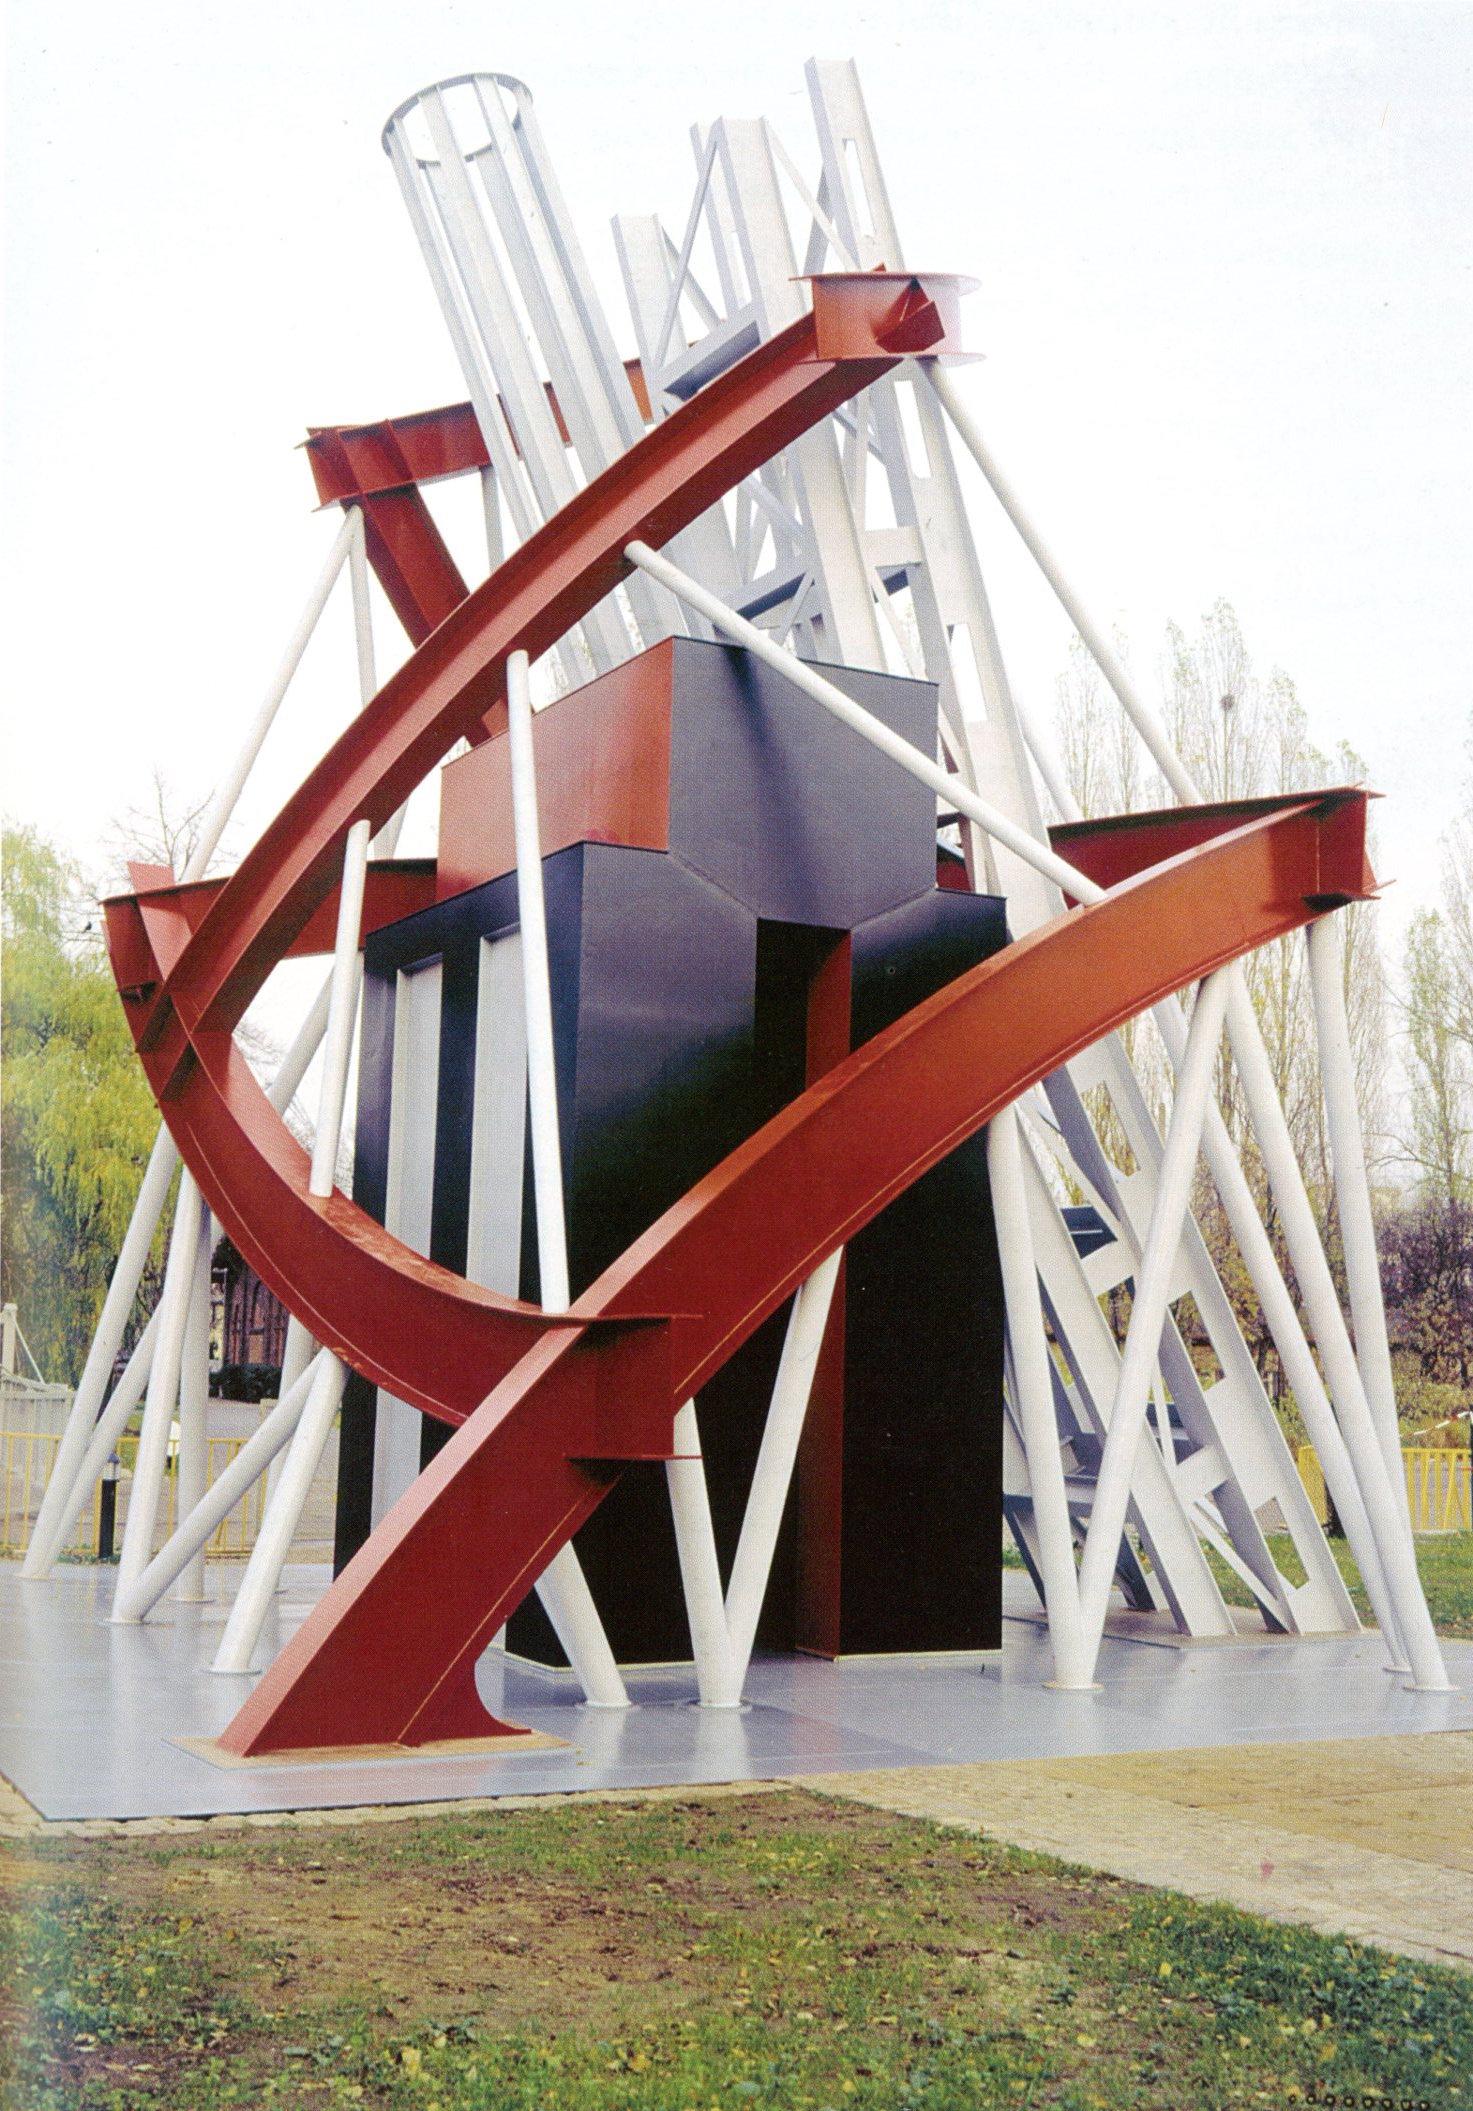 <b>Grzegorz Klaman, <i>Gates II</i>, 2000</b>